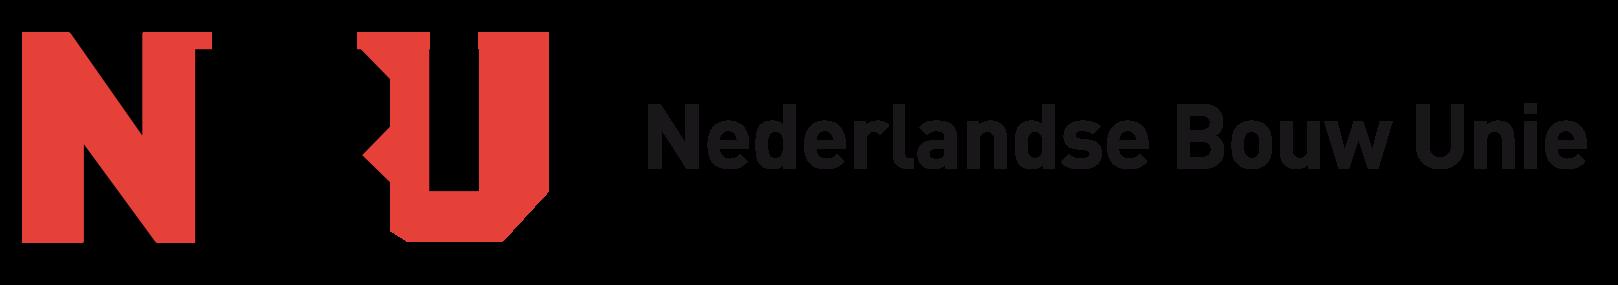 Logo_NBU+slogan_zwart.png